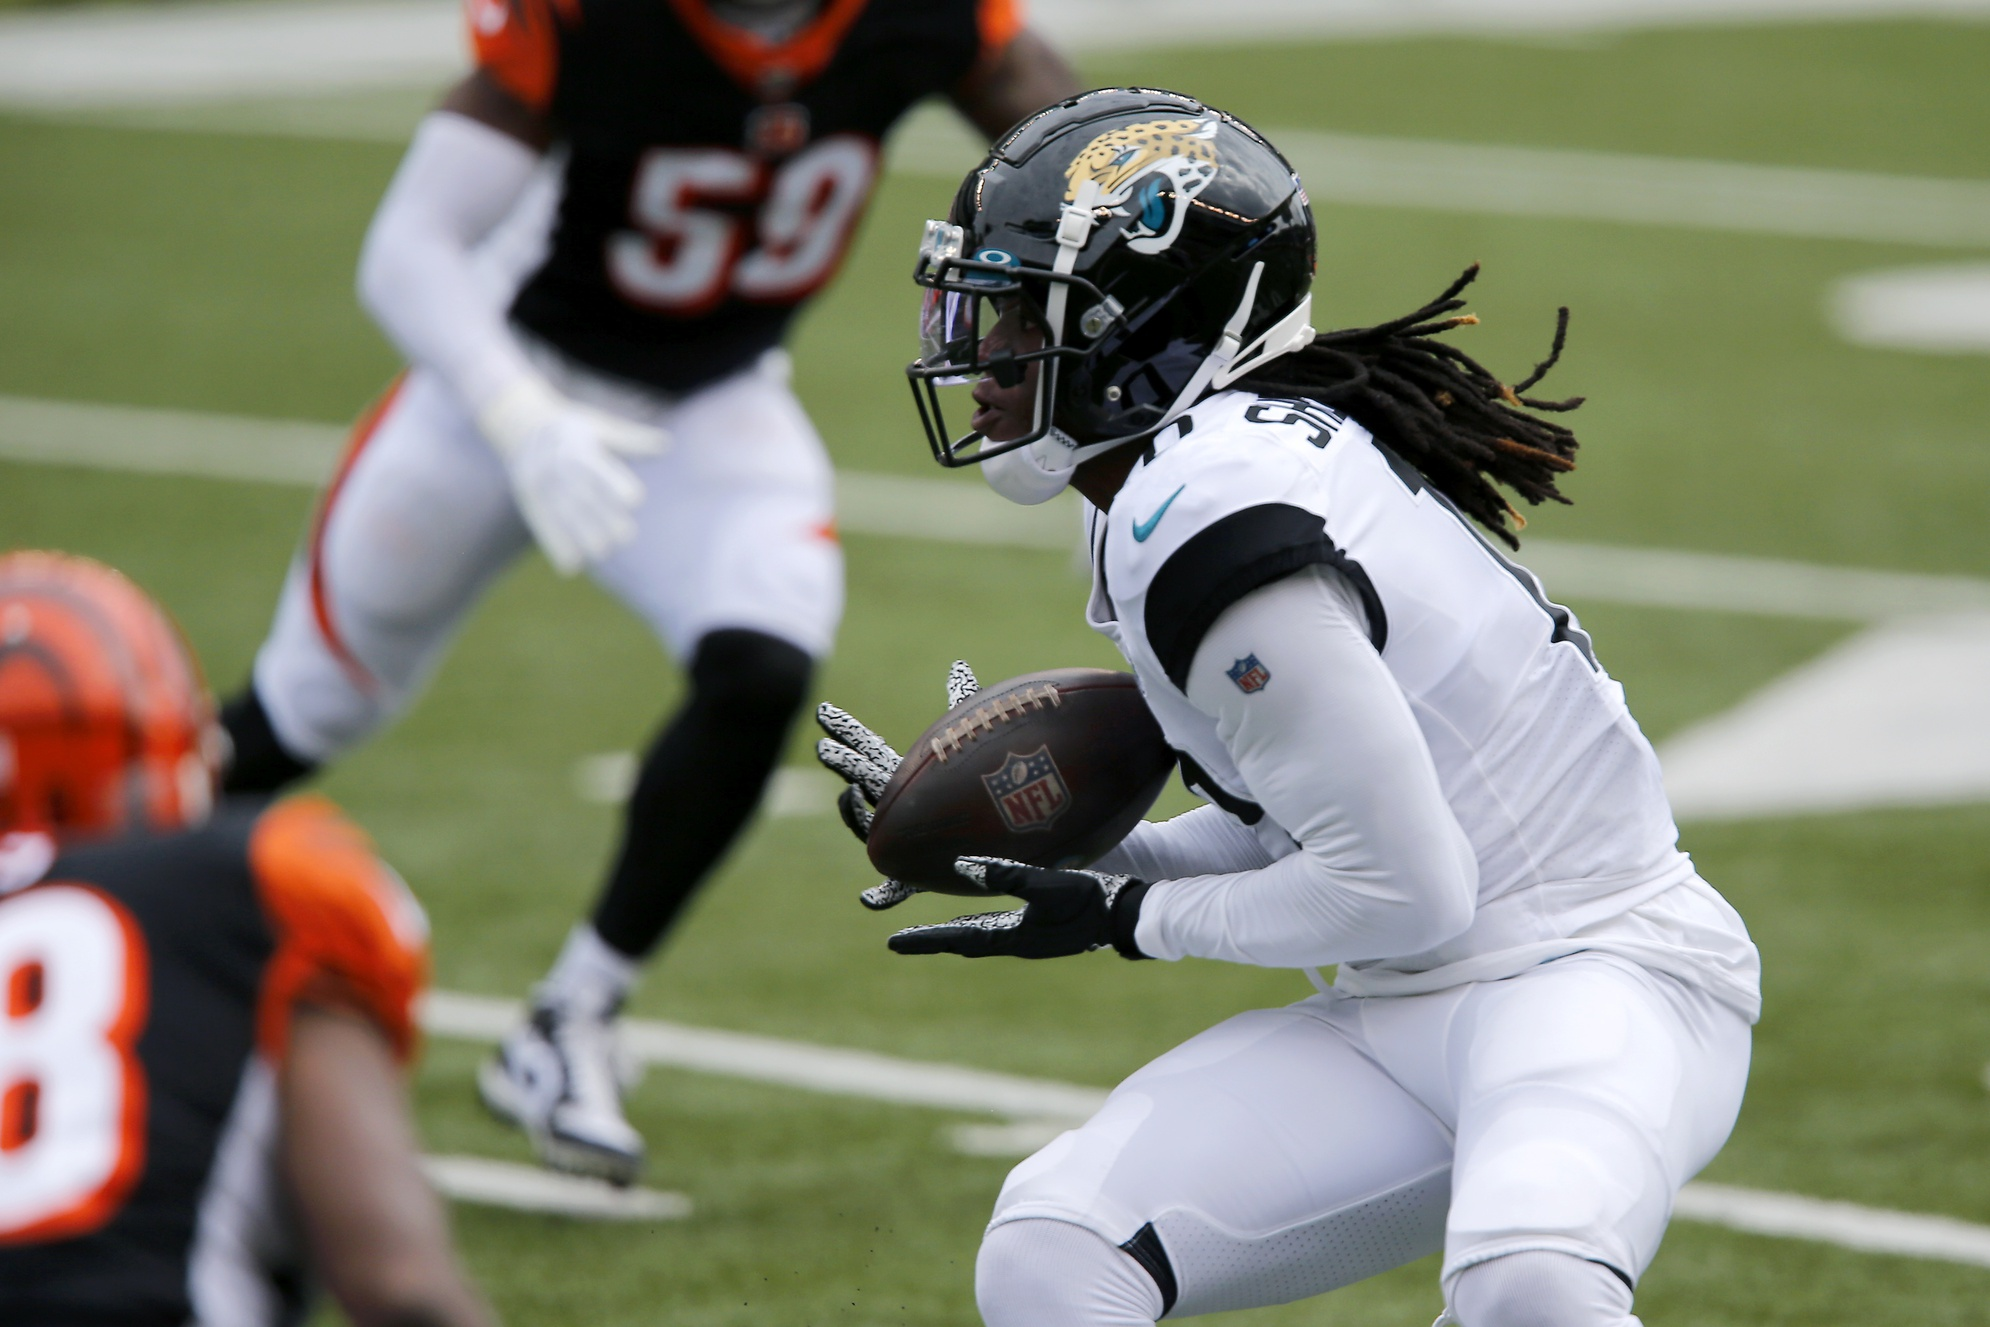 NFL Week 4 PFF ReFocused: Cincinnati Bengals 33, Jacksonville Jaguars 25 |  NFL News, Rankings and Statistics | PFF